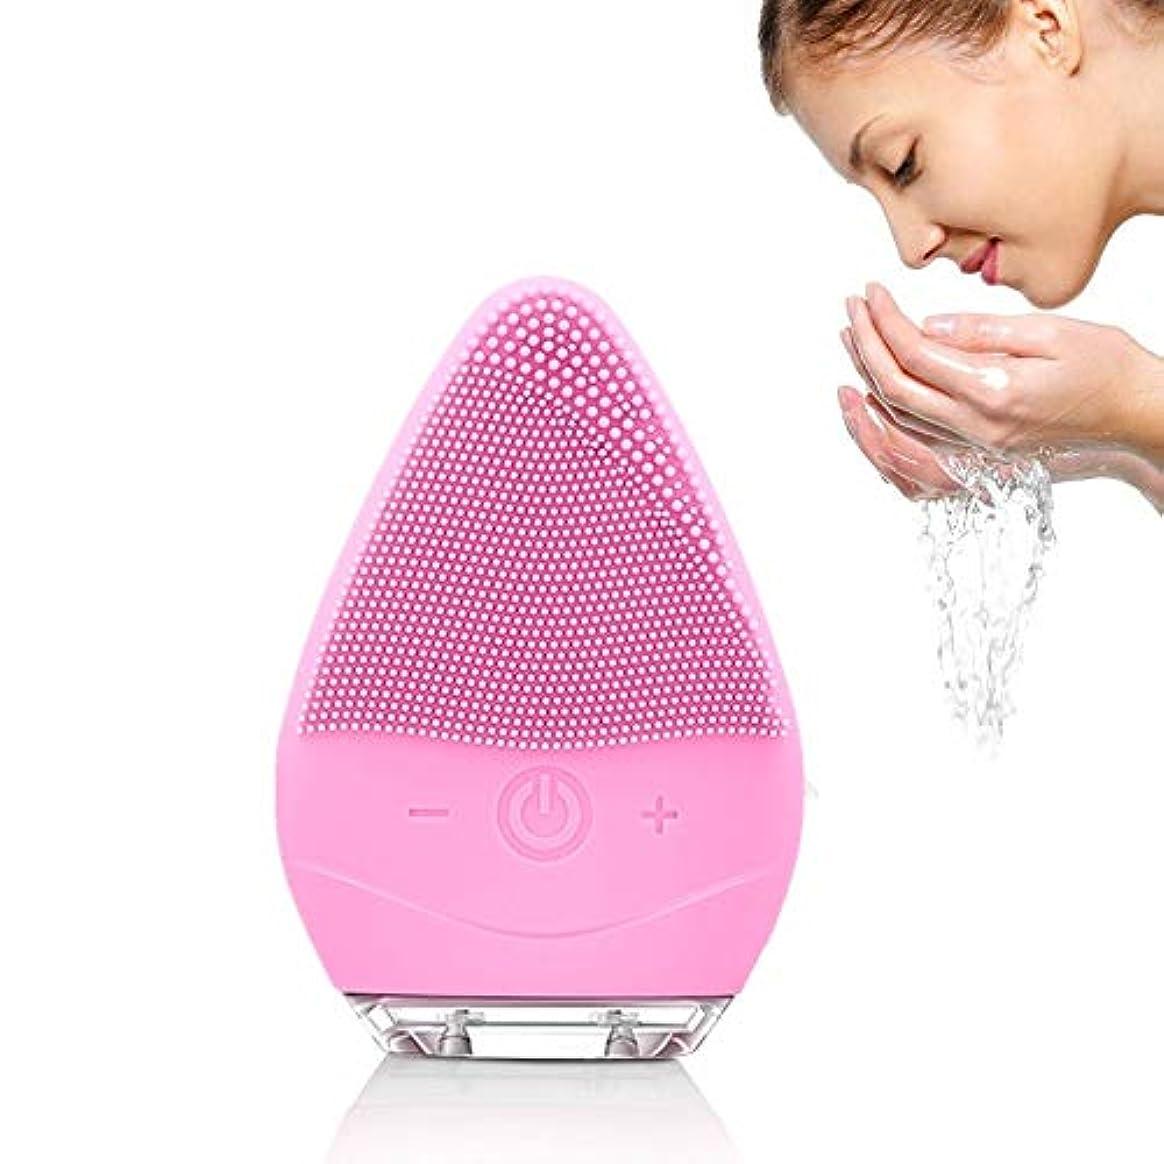 消化蒸留ライバルフェイスクレンジングブラシ防水シリコンフェイシャルブラシエレクトリックフェイスVībratingマッサージャーデバイスfor Skin Clean for Level 6防水